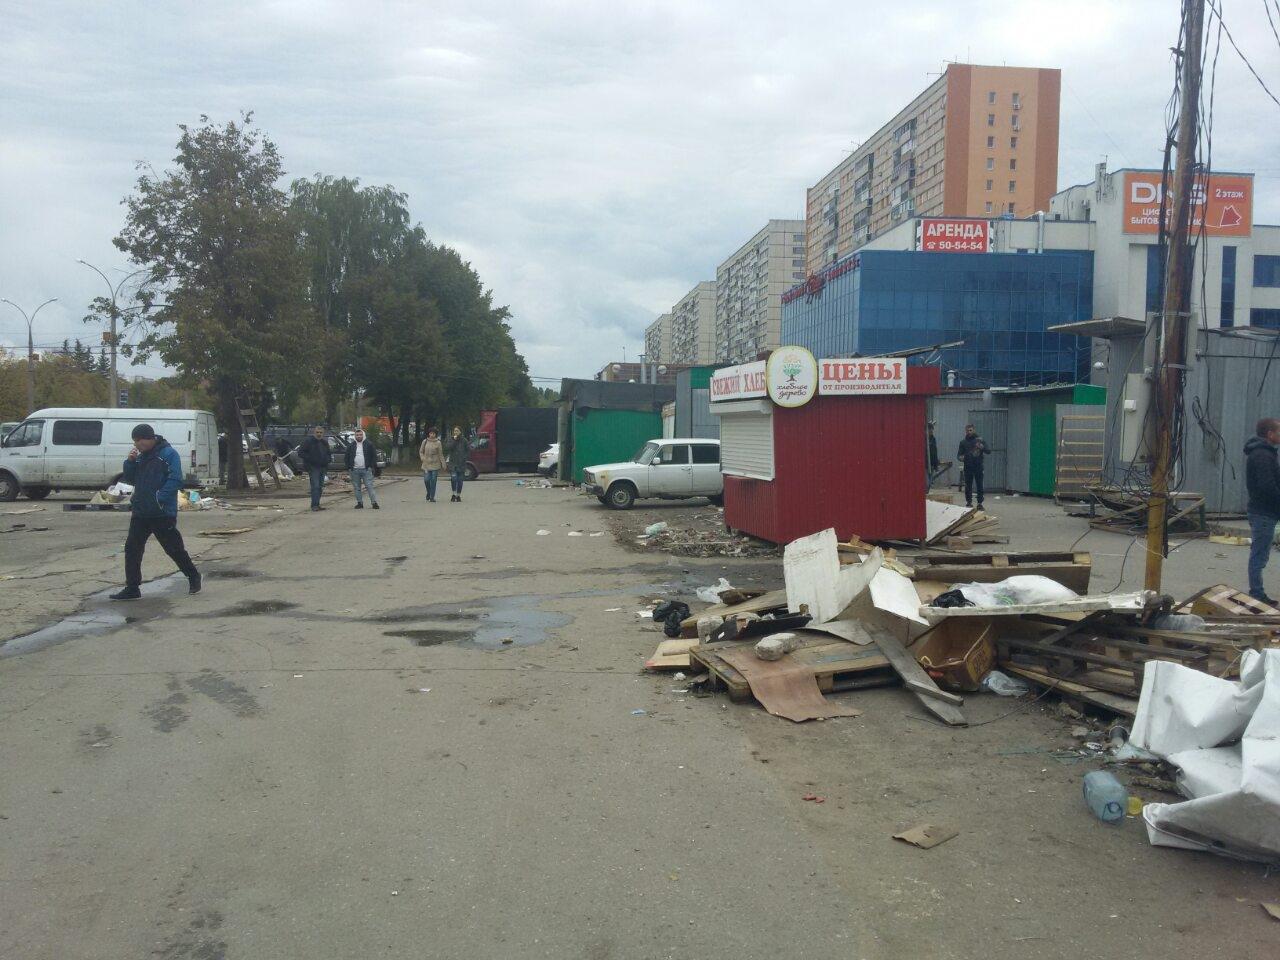 Работали без документов: Полиция рассказала о ликвидации рынка в Тольятти